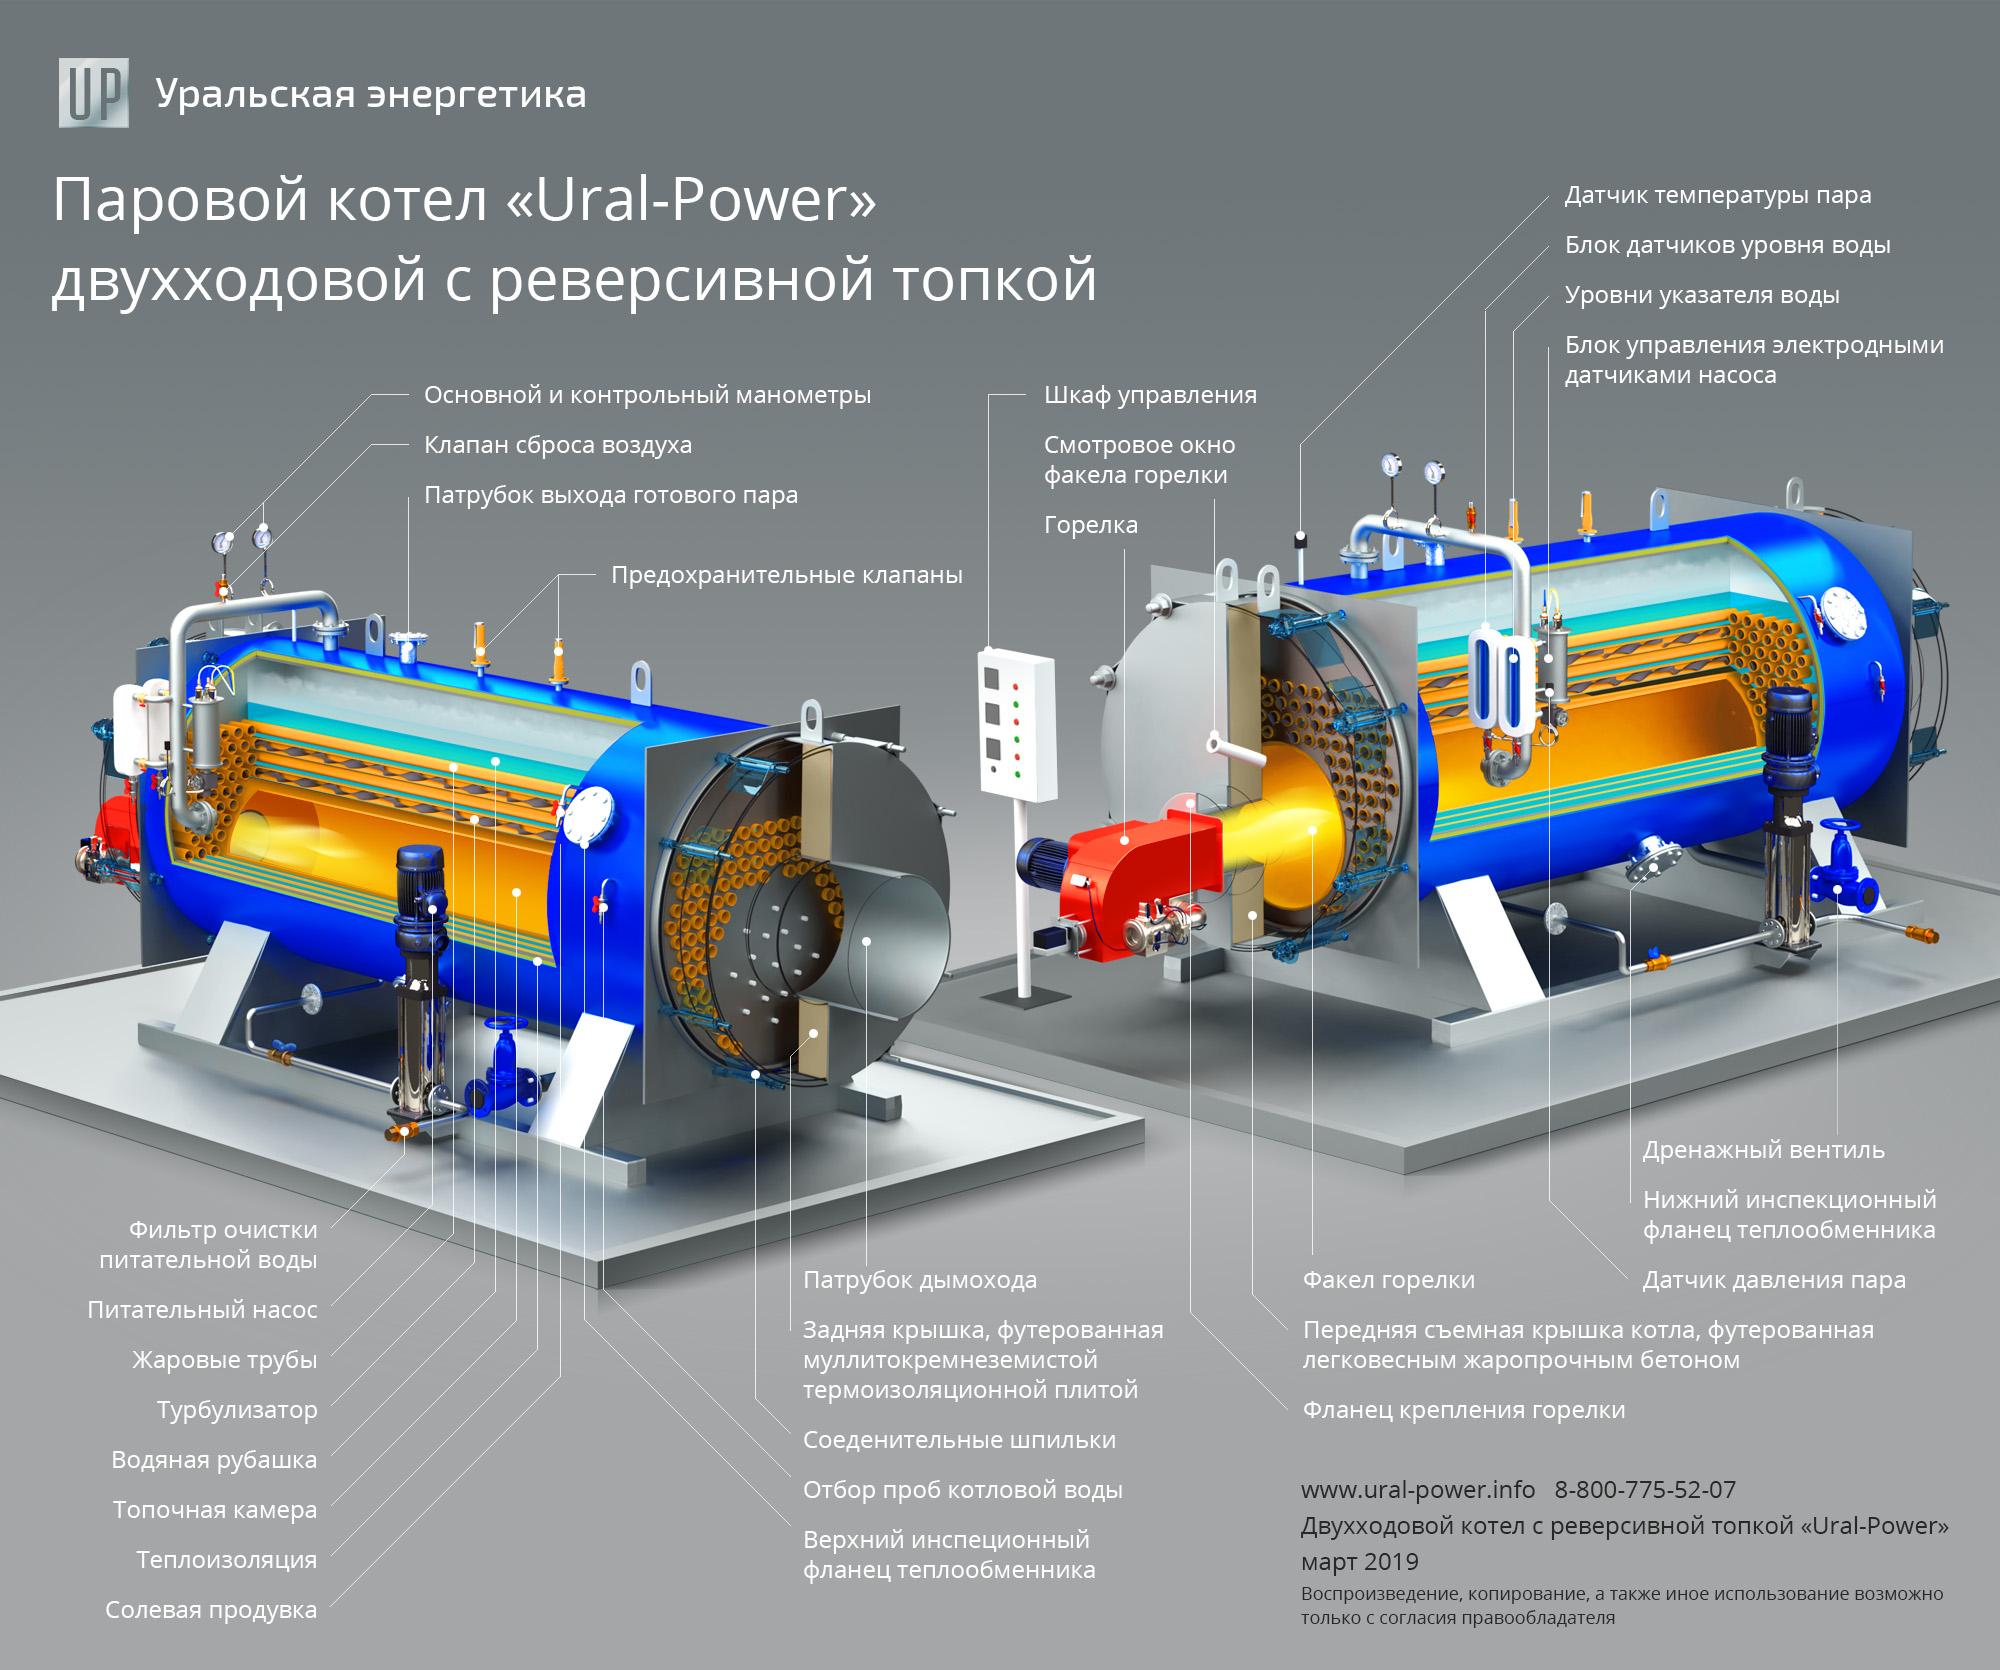 Паровой котел дизельный URAL-POWER описание